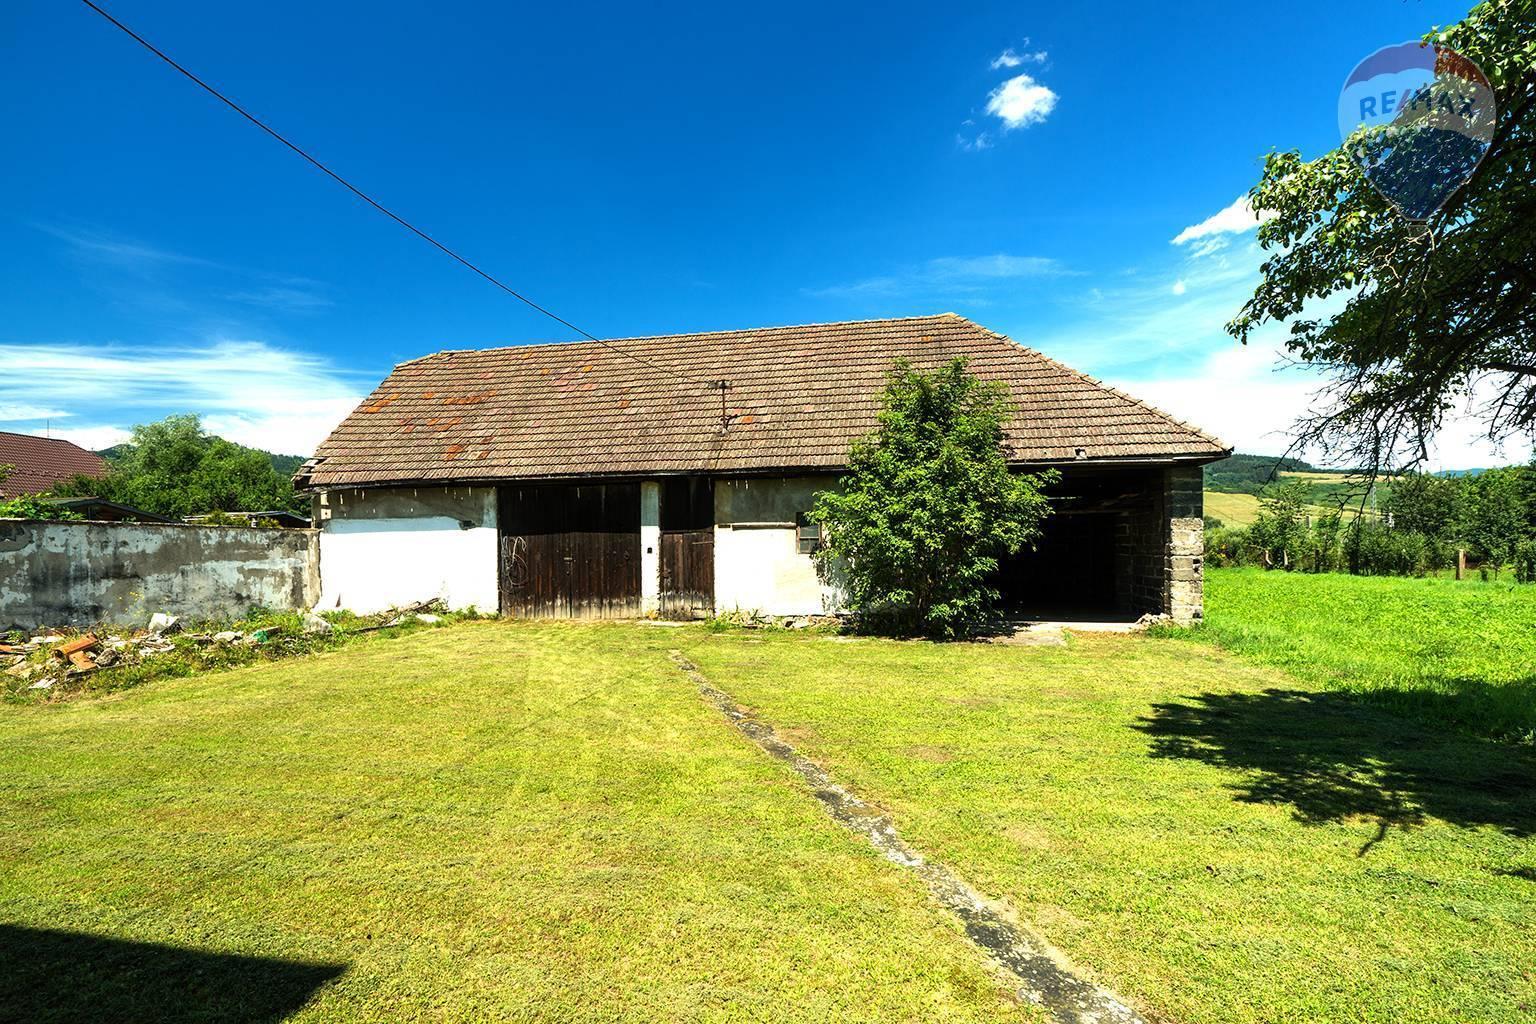 Predaj pozemku 3933 m2, Liptovská Teplá - huno